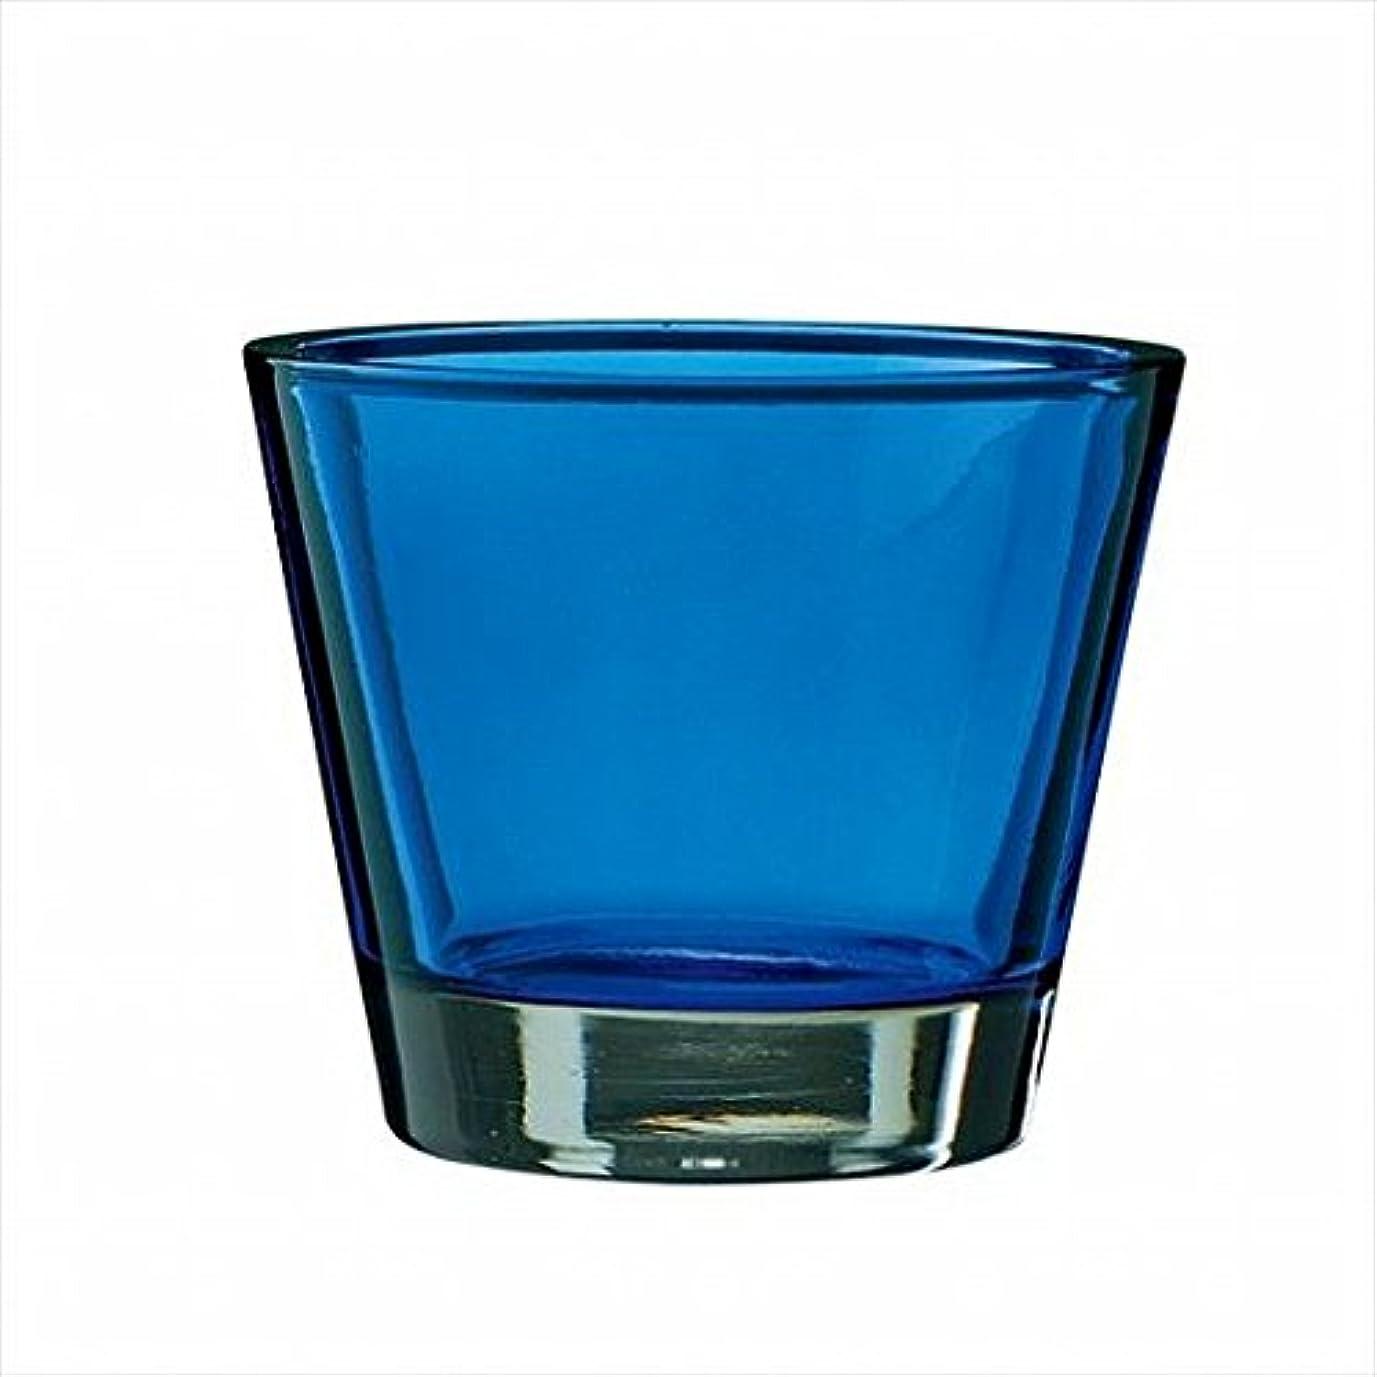 分離する小川漏斗kameyama candle(カメヤマキャンドル) カラリス 「 ブルー 」 キャンドル 82x82x70mm (J2540000B)